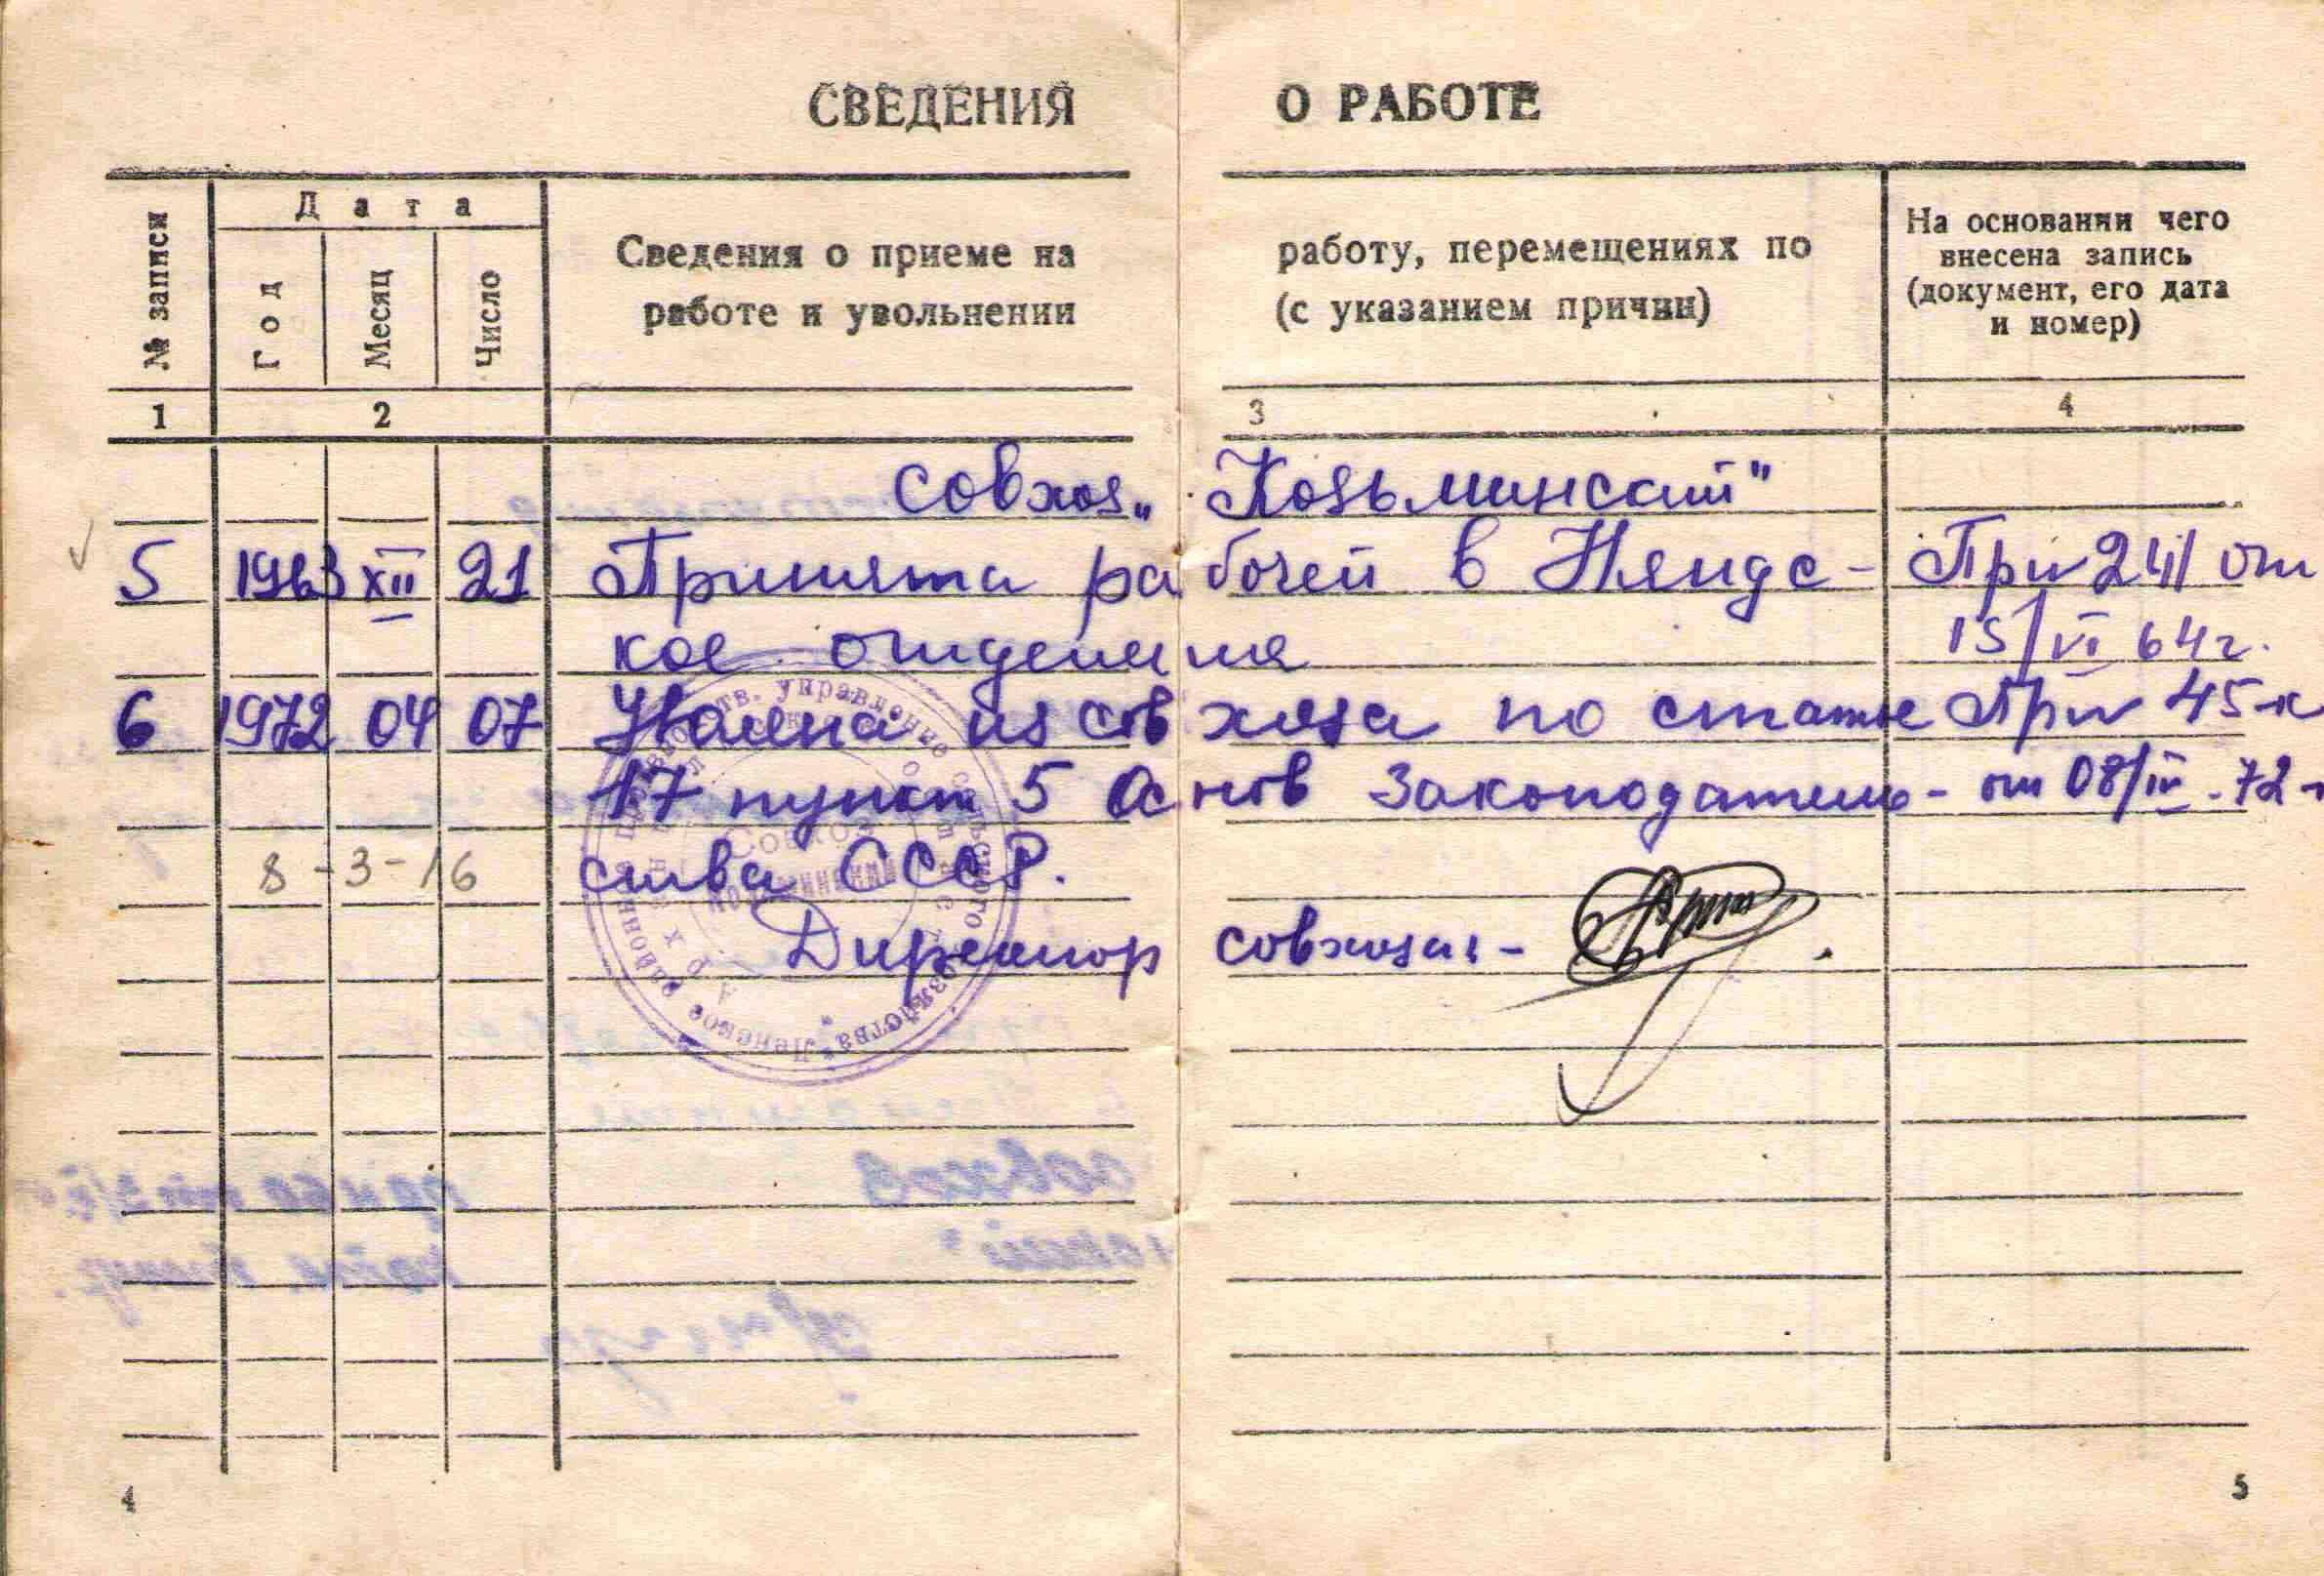 13. Трудовая книжка, 1956